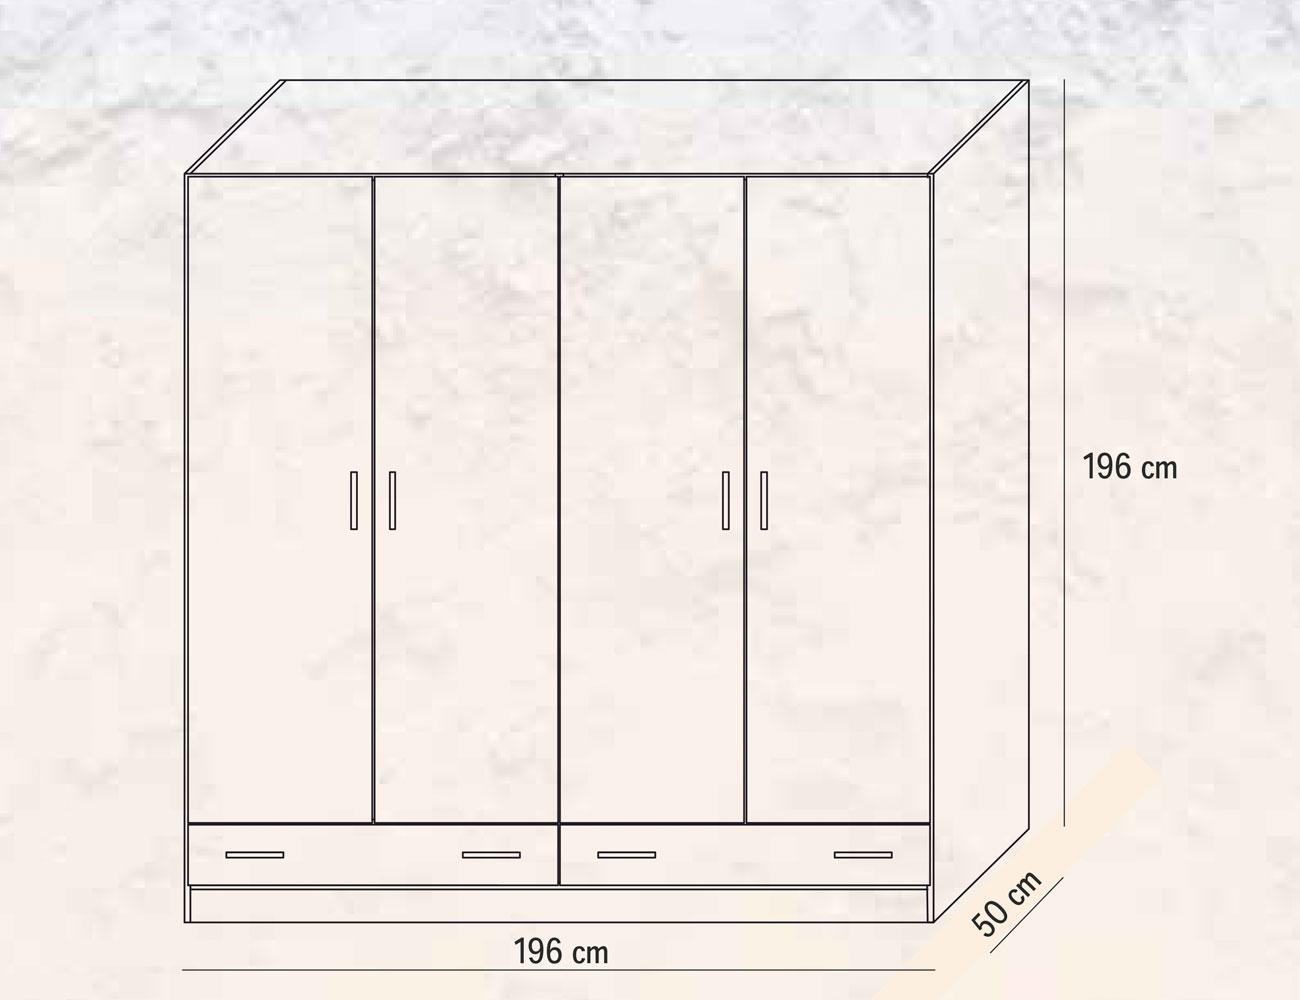 Armario 4 puertas 2 cajones 196 cm2